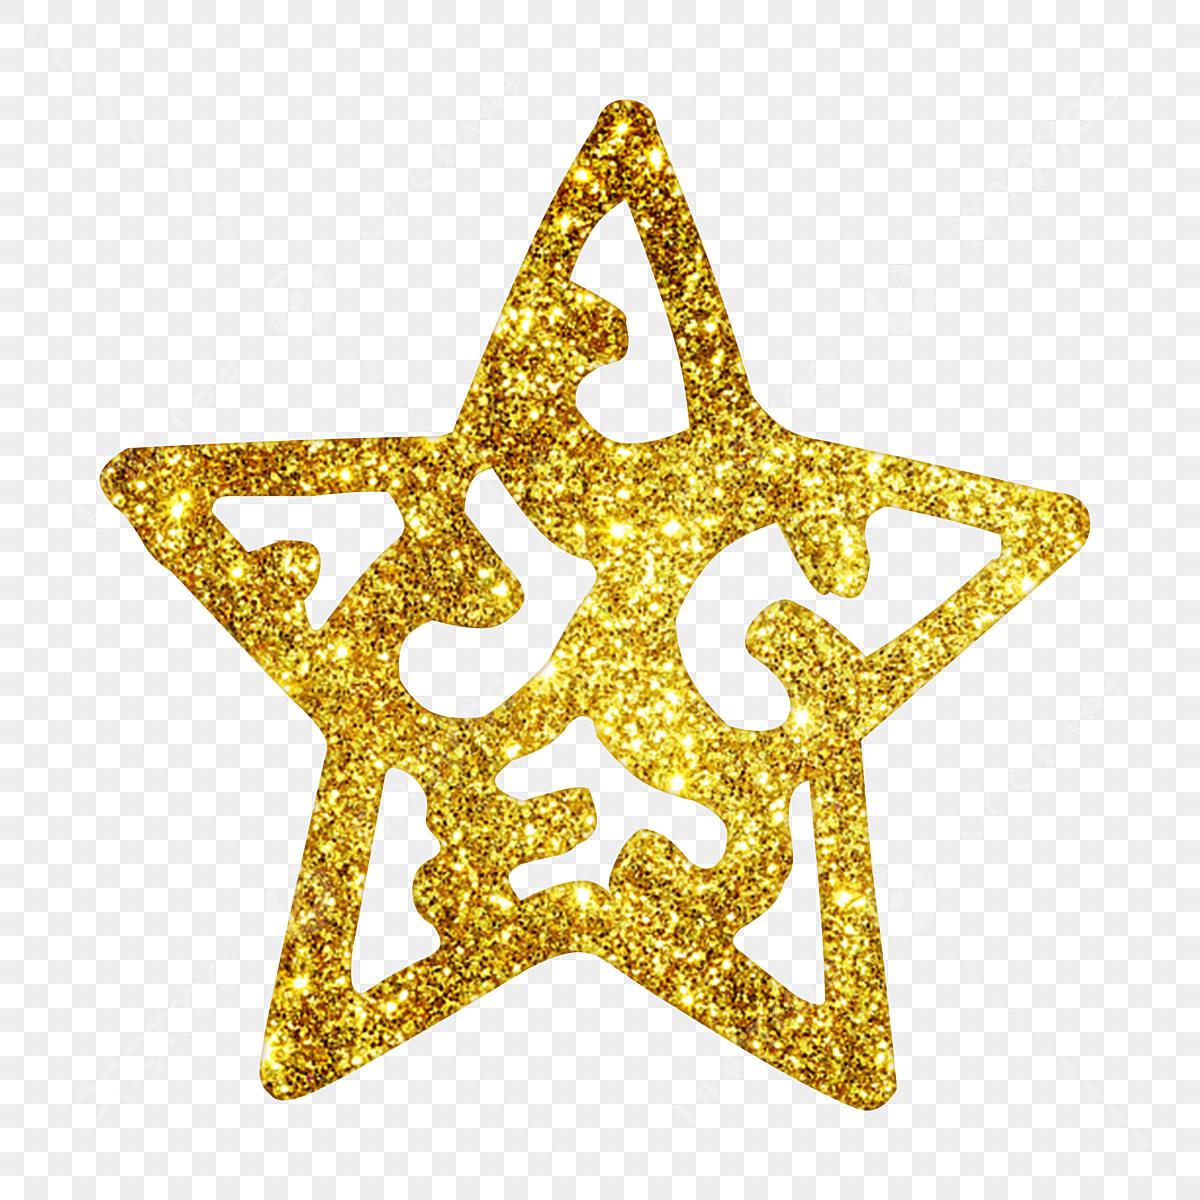 étoile De Noël étoiles De La Nuit De Noël étoiles En Poudre